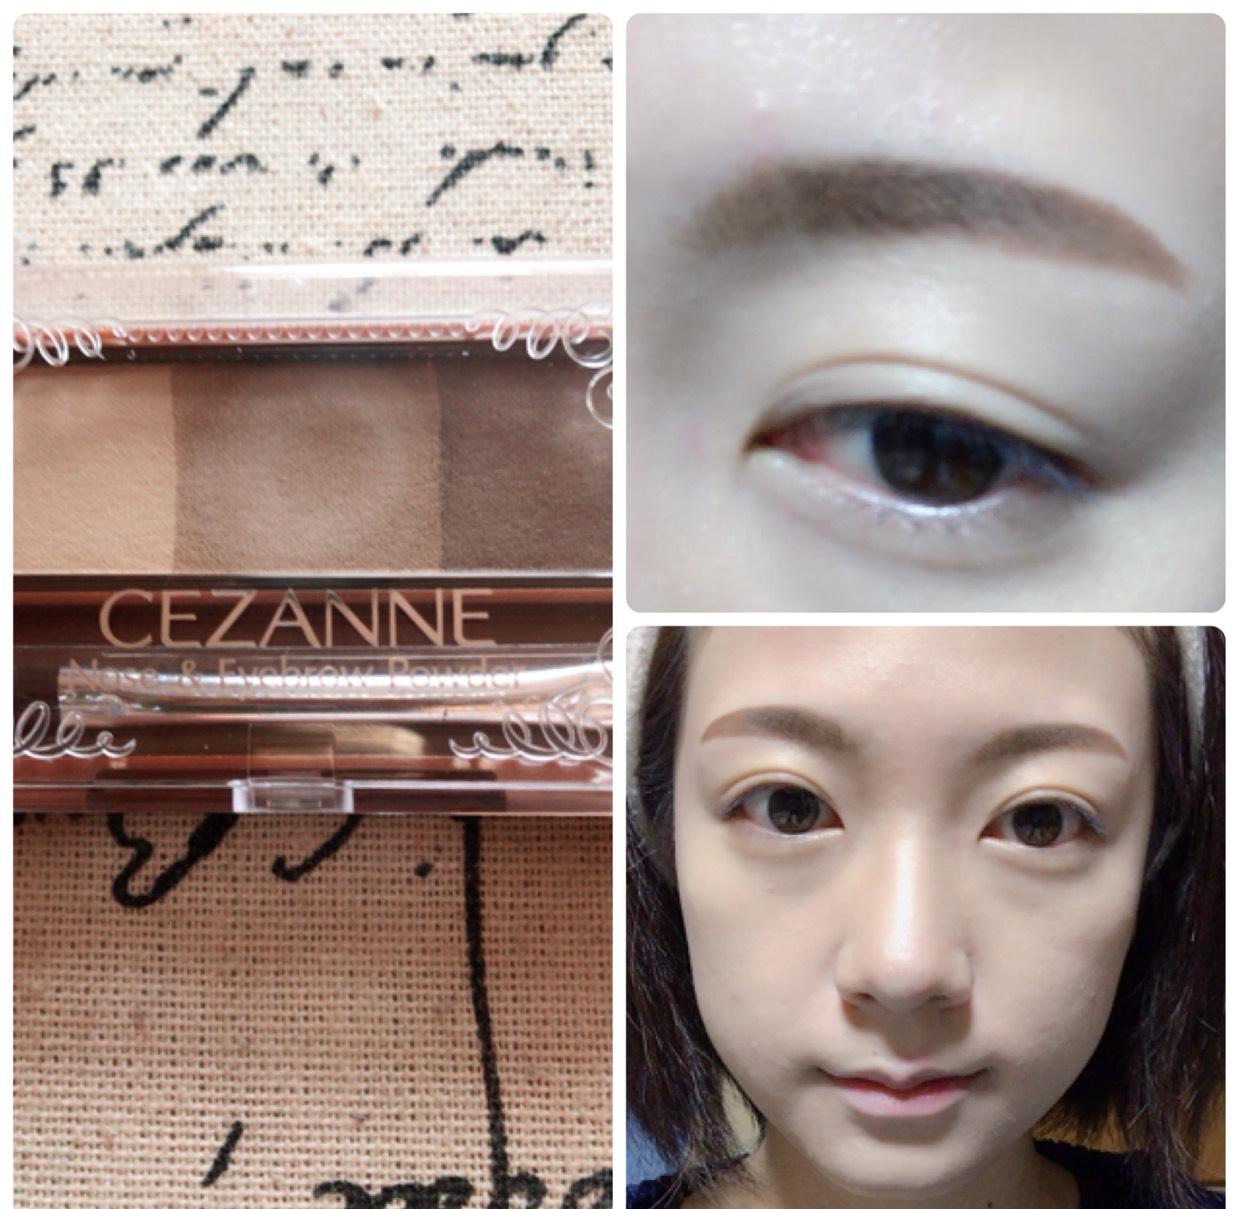 眉尻を濃く、眉頭を薄くなるようにまゆ毛を書きます。 ノーズシャドウも薄い色で入れます。